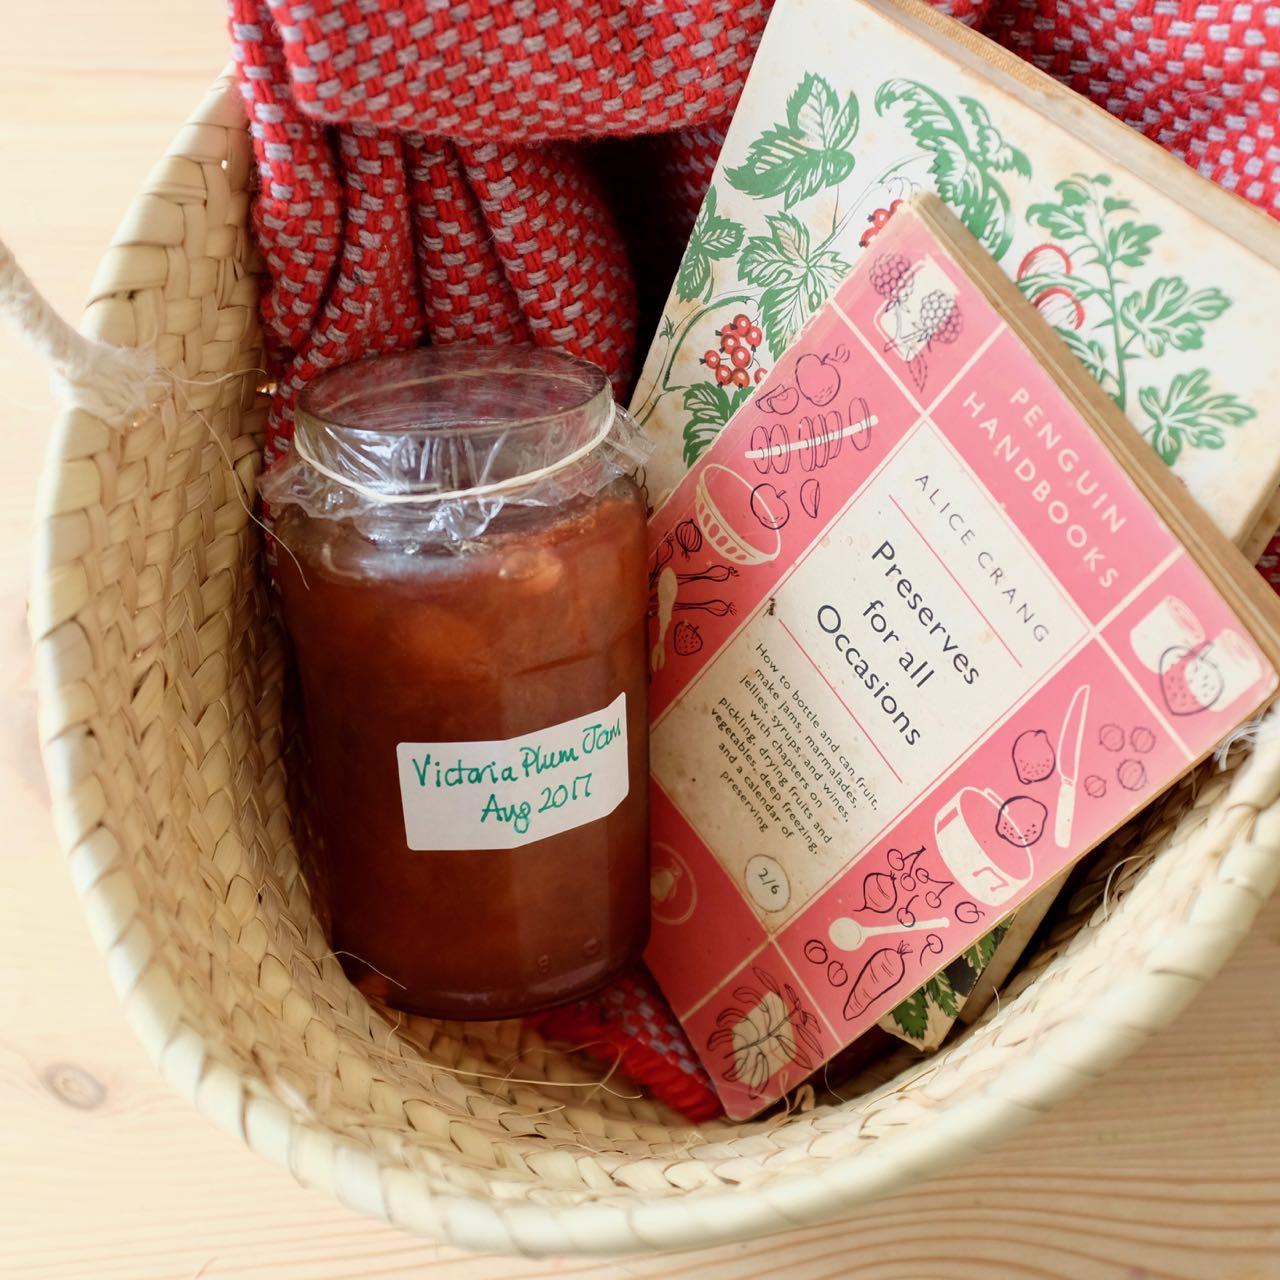 Enjoy homemade jam